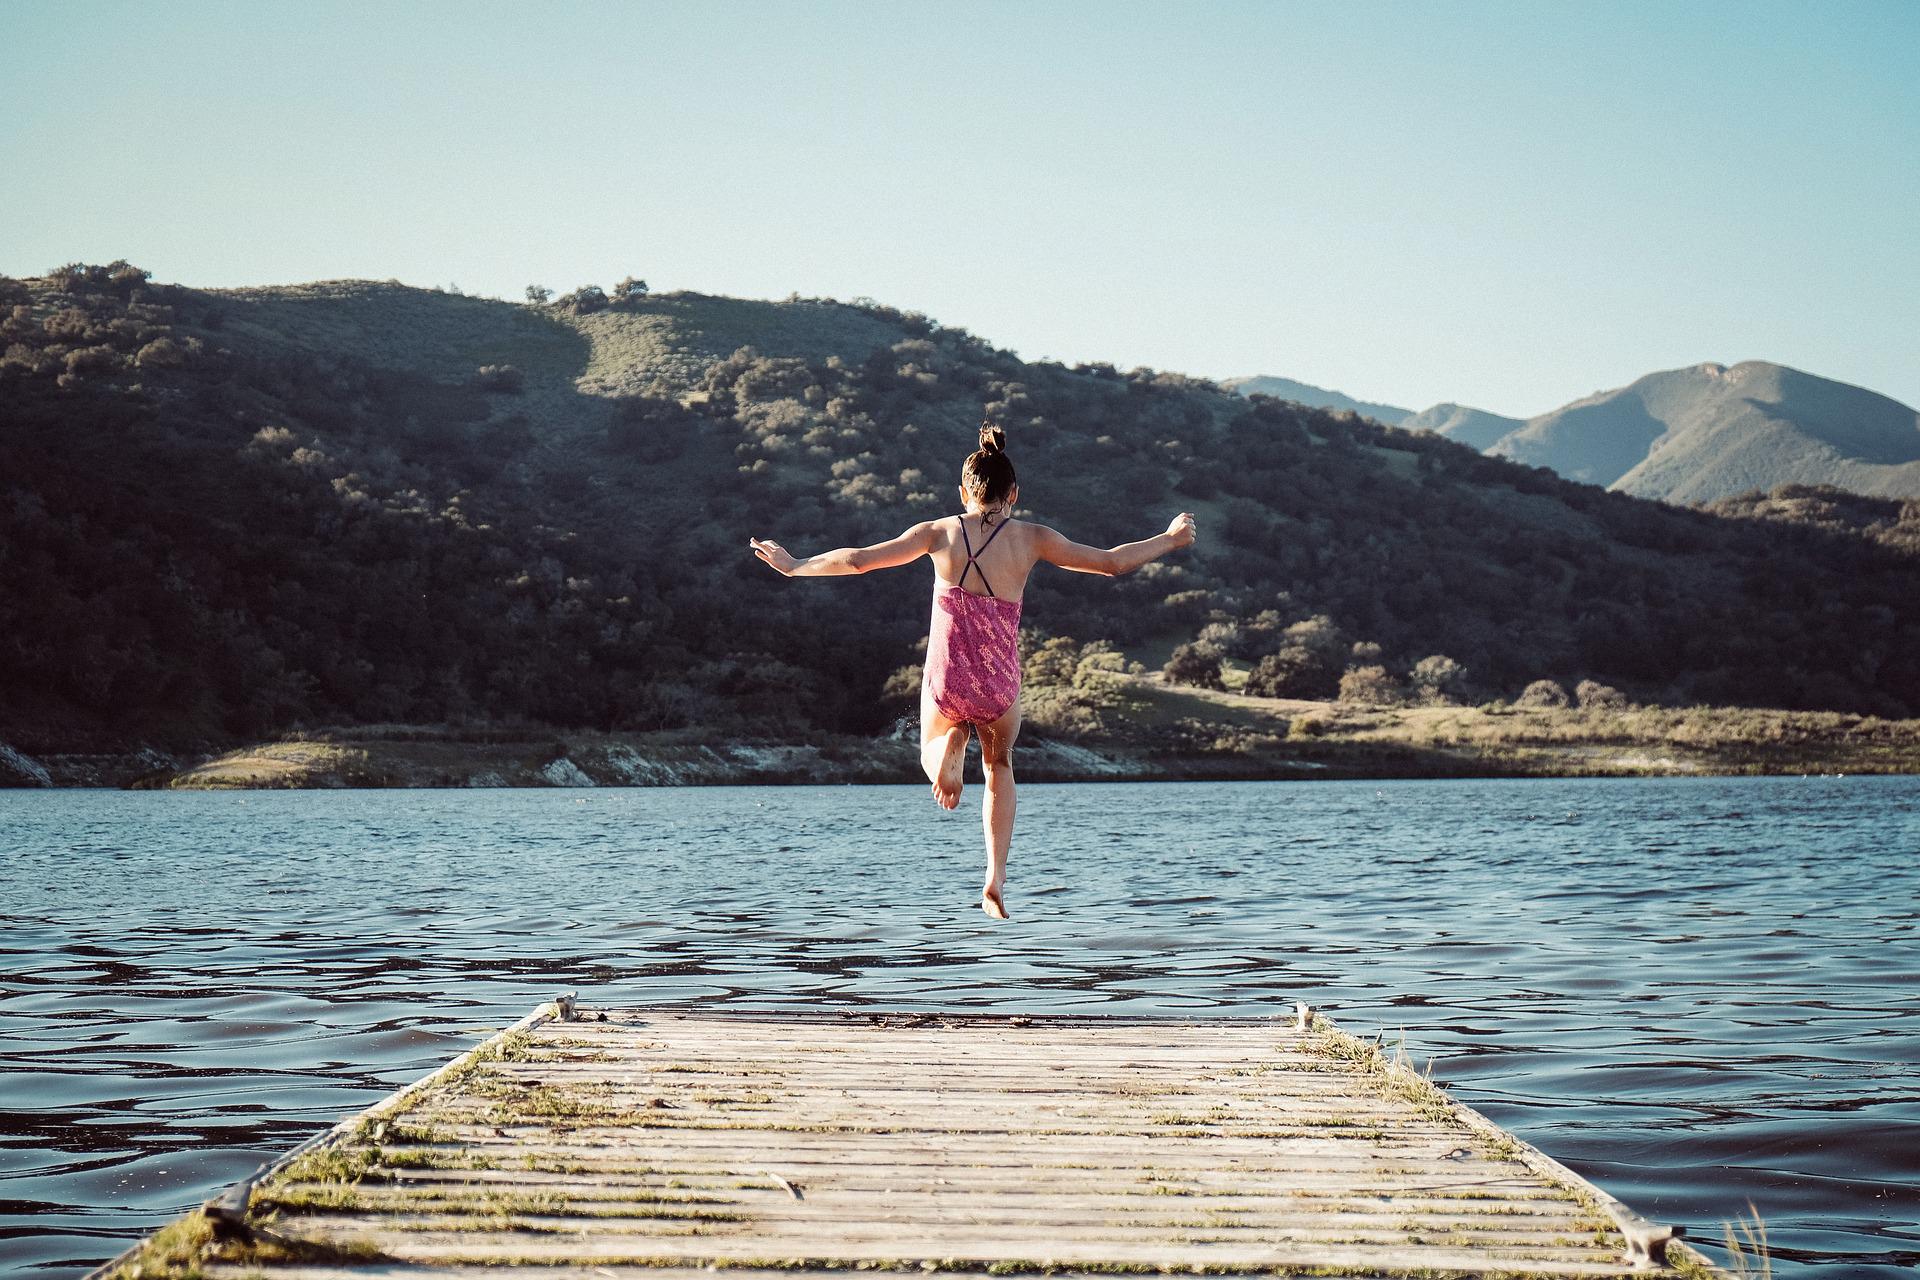 summer, lake, girl jumping in lake, summer kids